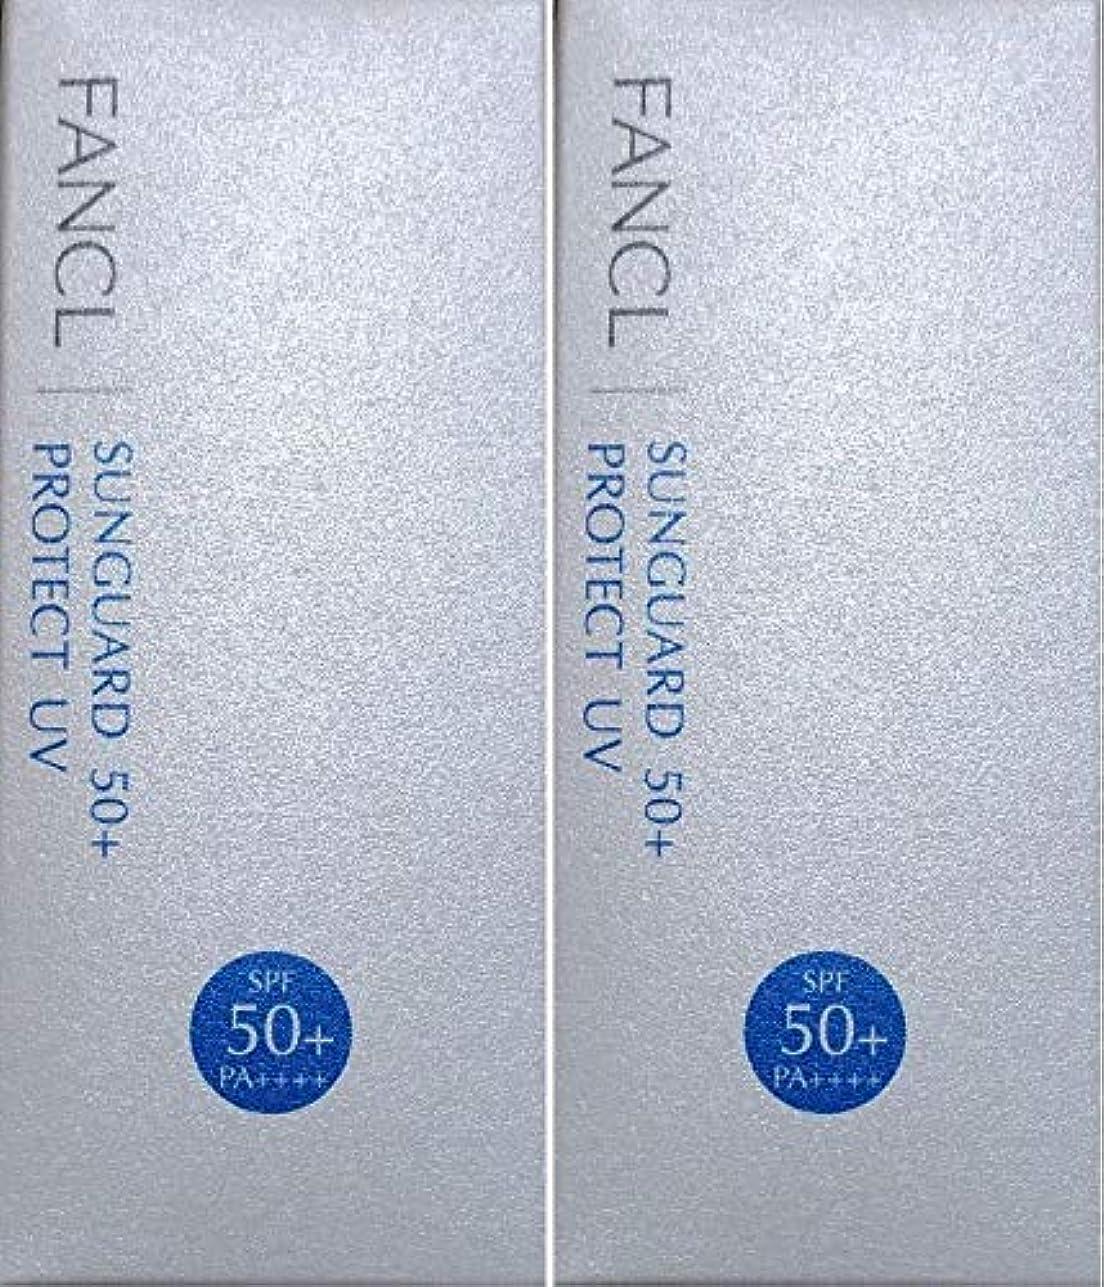 ラッドヤードキップリング増加する配偶者ファンケル(FANCL) サンガード50+ プロテクトUV (SPF50+?PA++++)60mL ×2箱セット